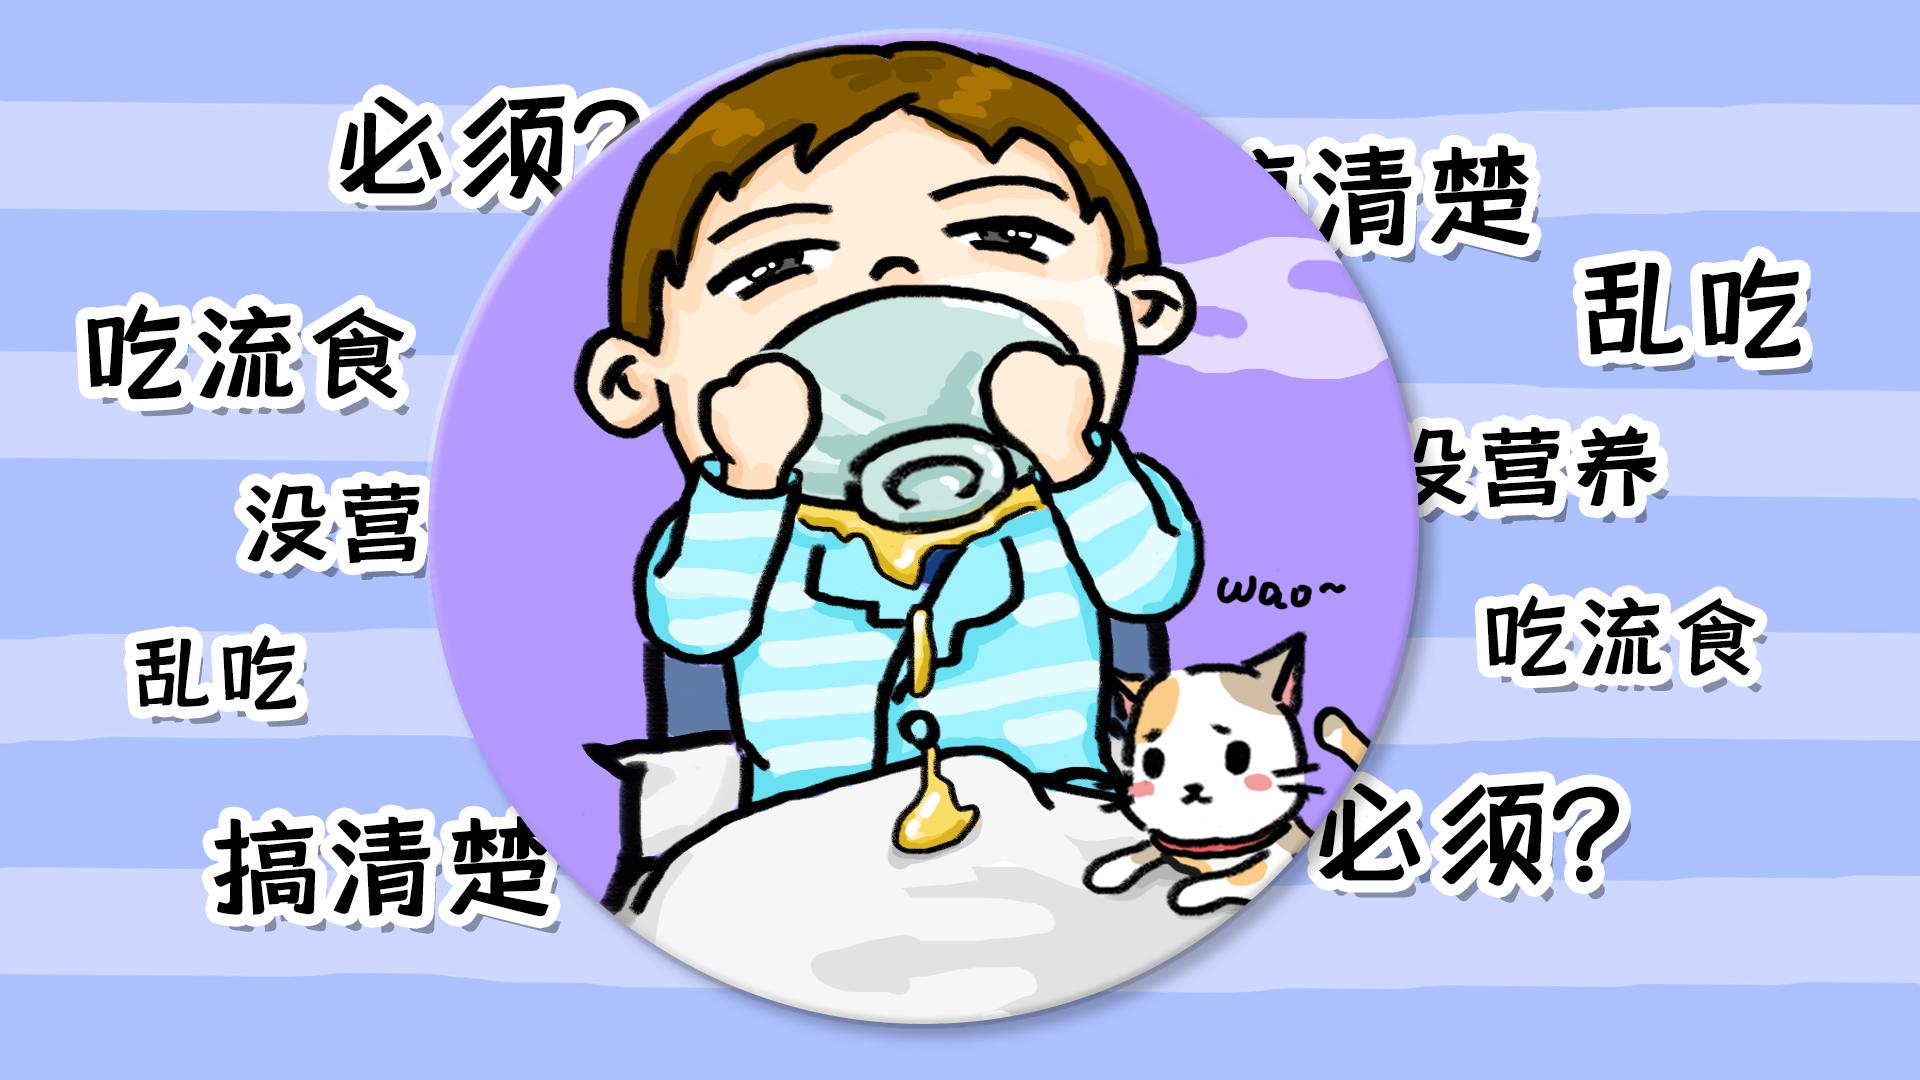 肿瘤患者必须吃流食?乱吃没营养,搞清楚4个问题才能吃得对